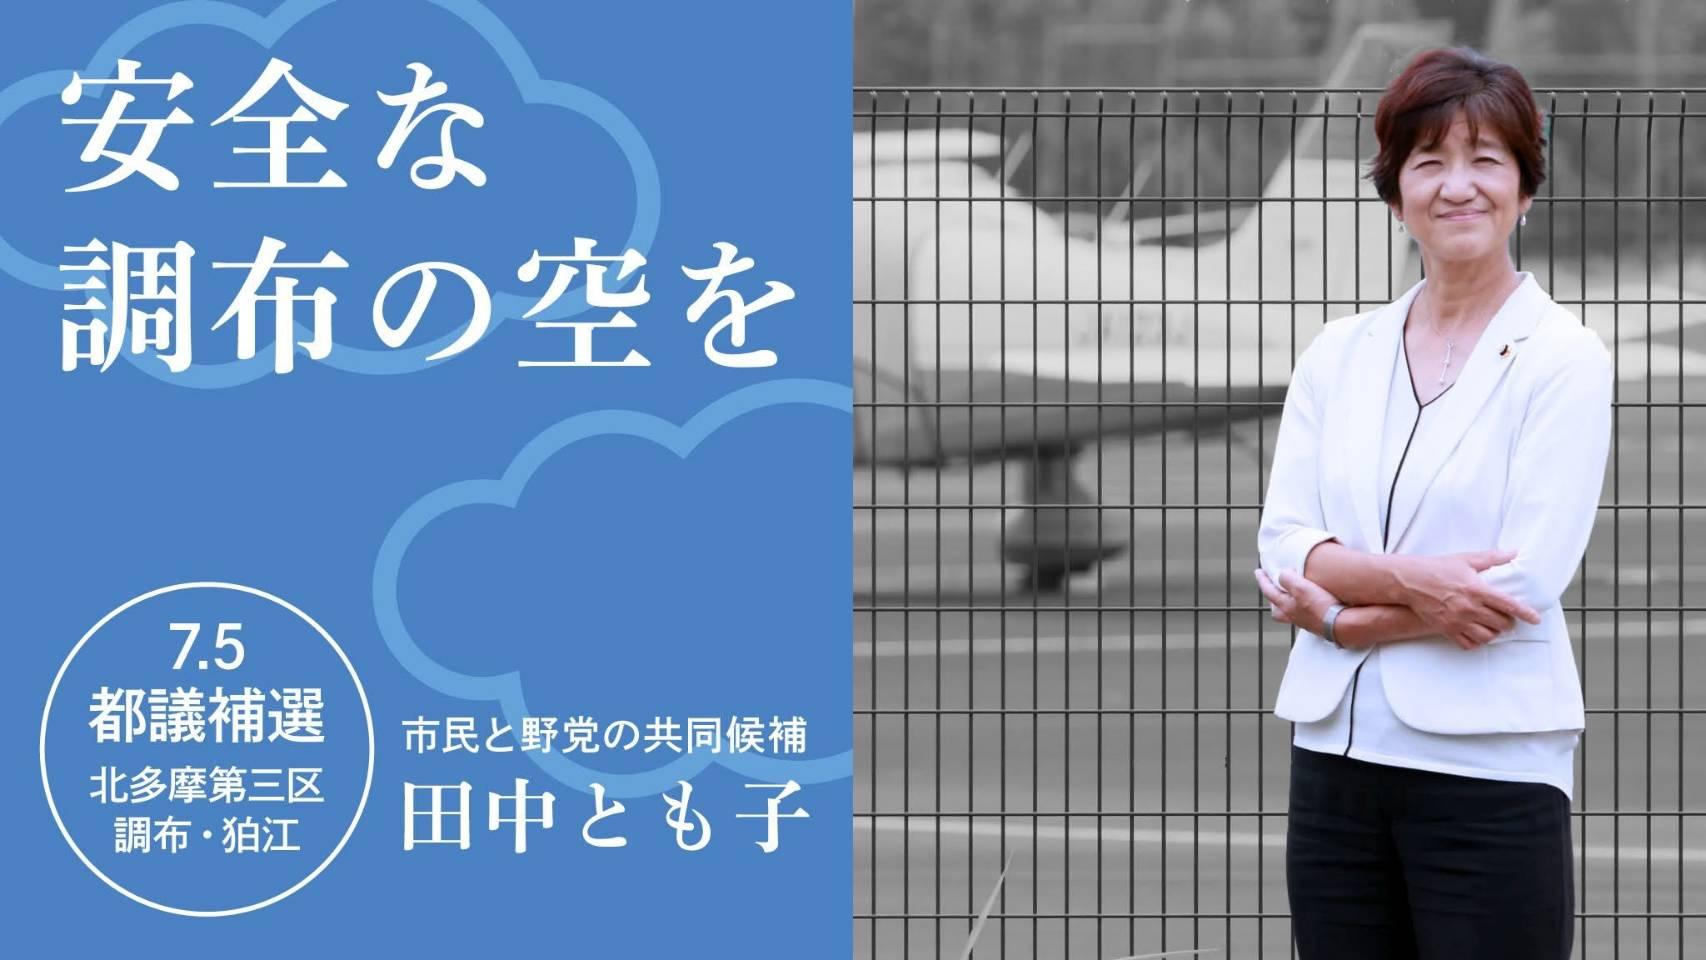 【田中とも子政策バナー】安全な調布の空を